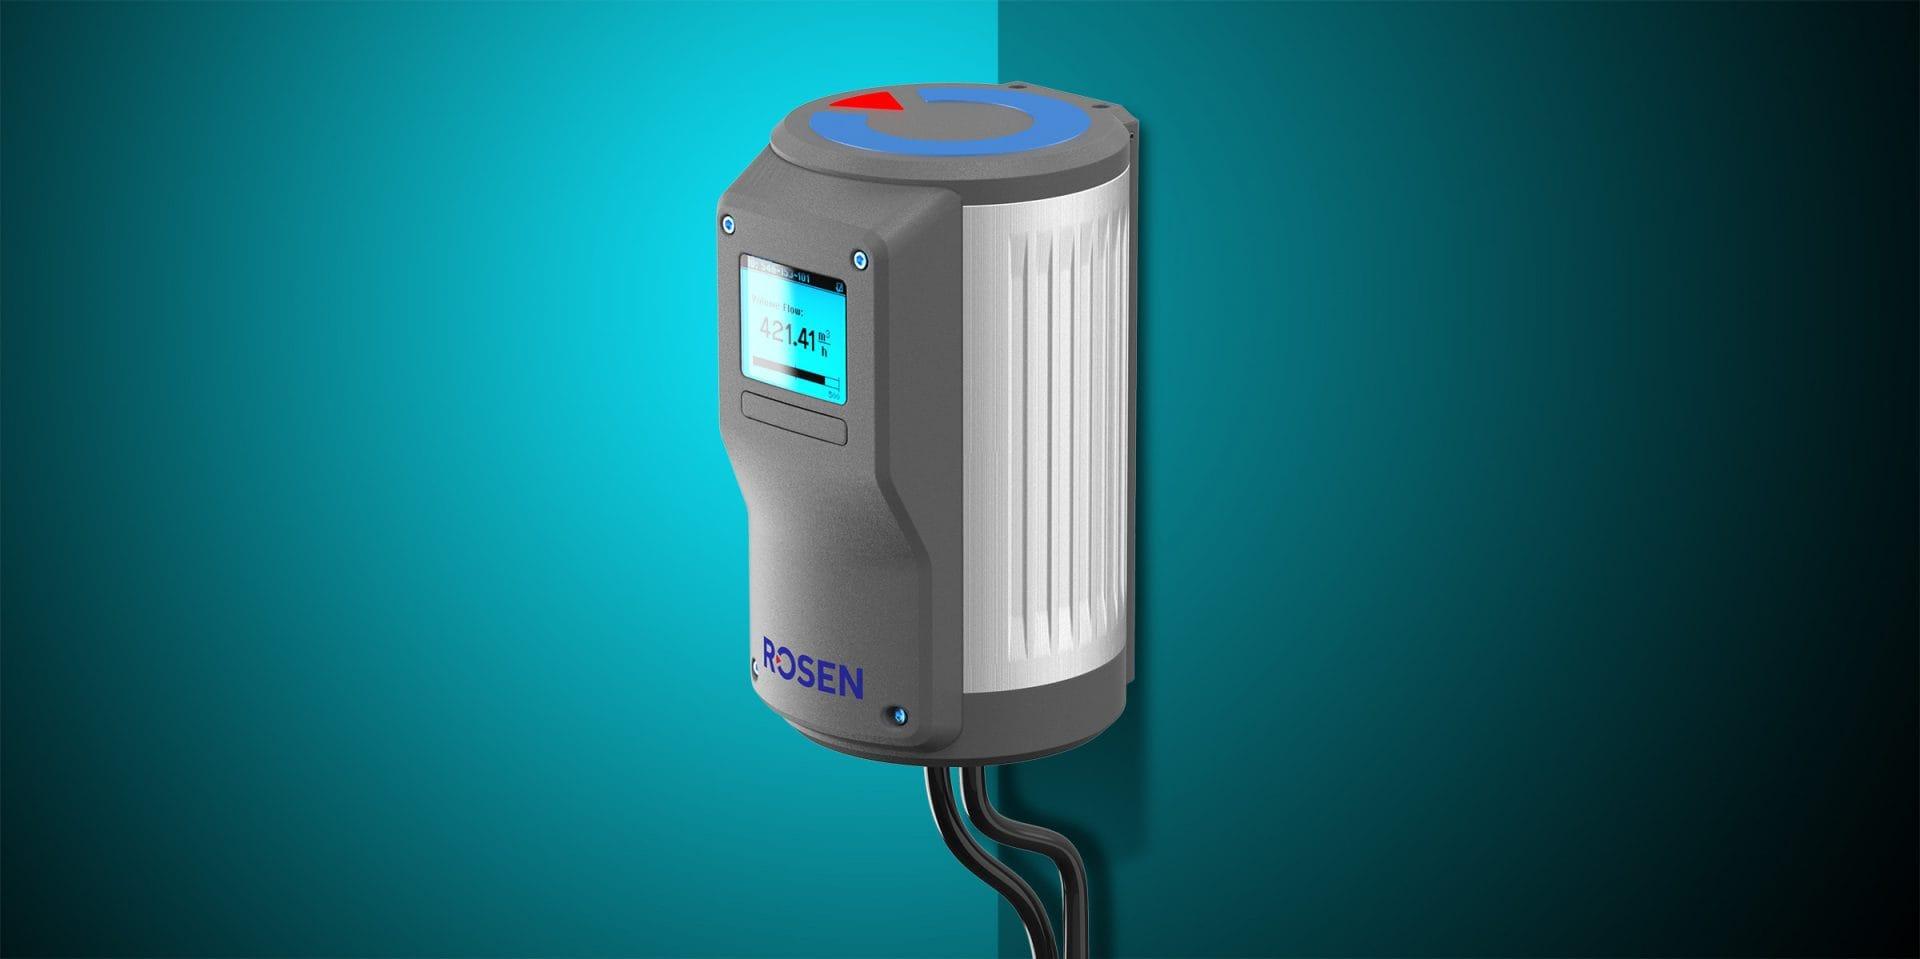 Rosen-Flowmeter-Sensor_Industriedesign